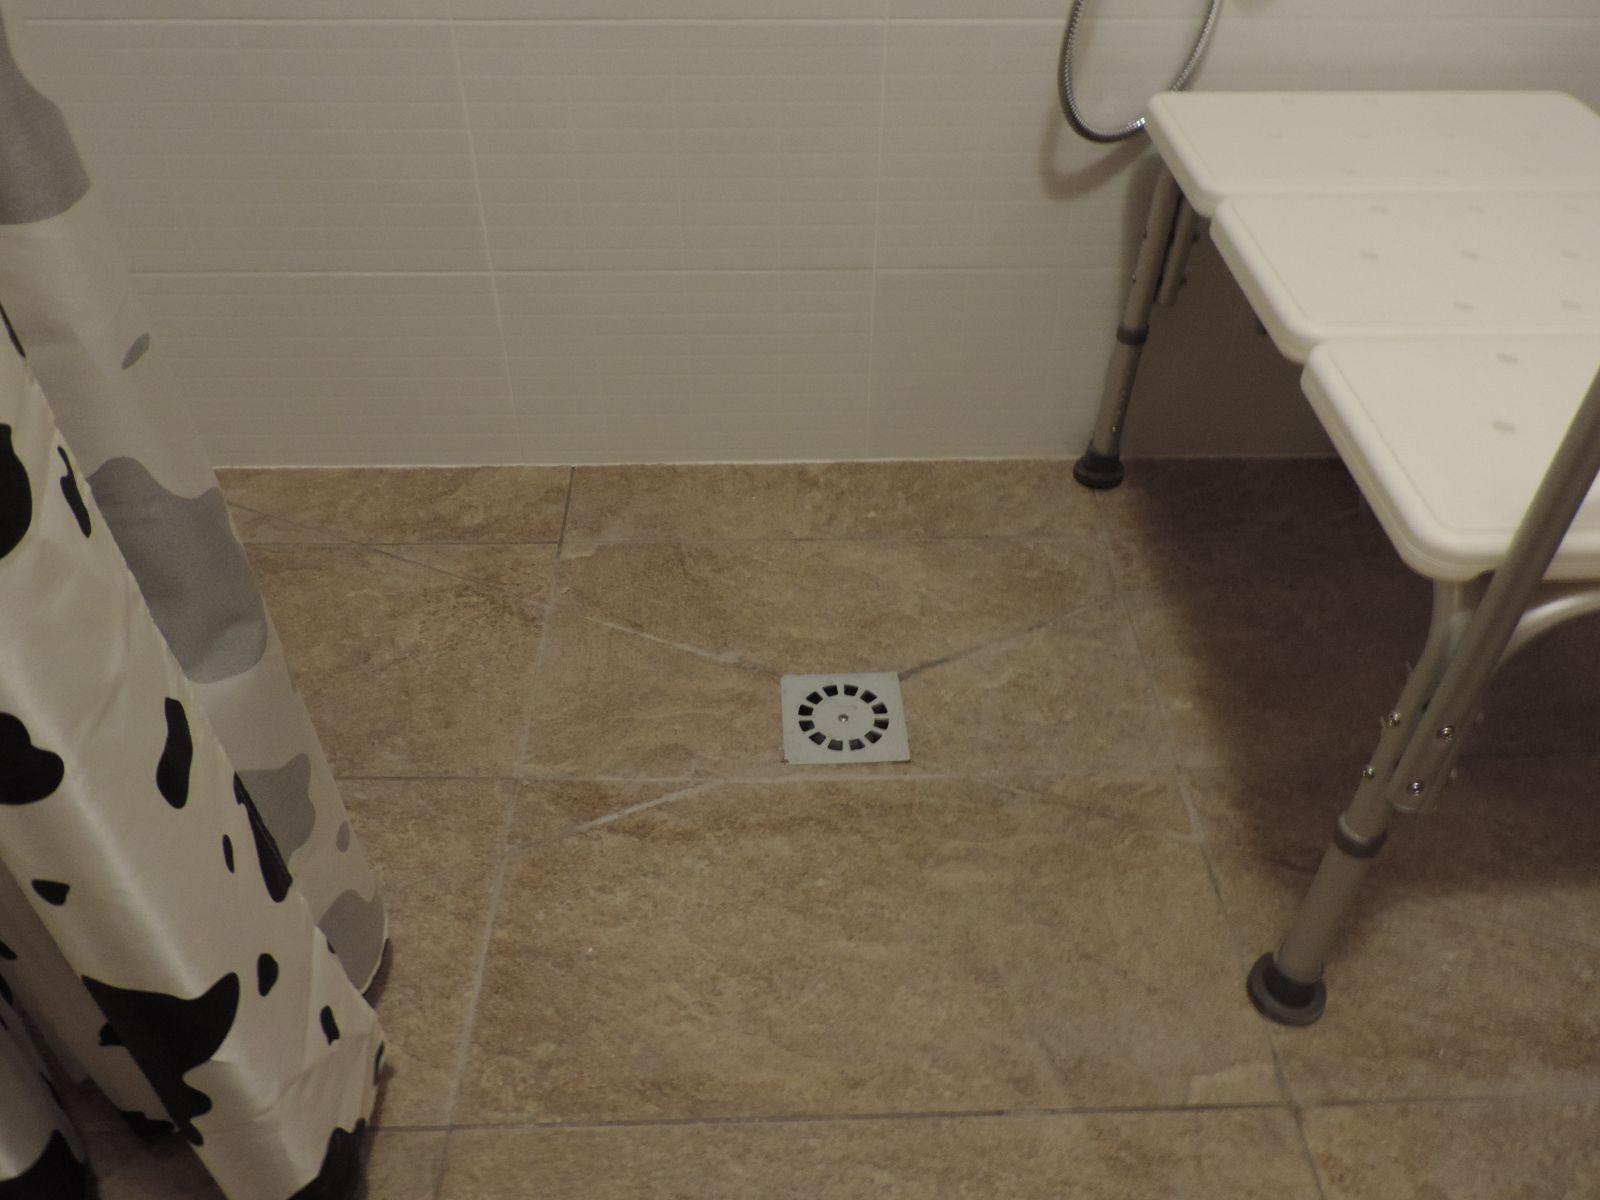 cambio de bañera por ducha torrevieja bigastro